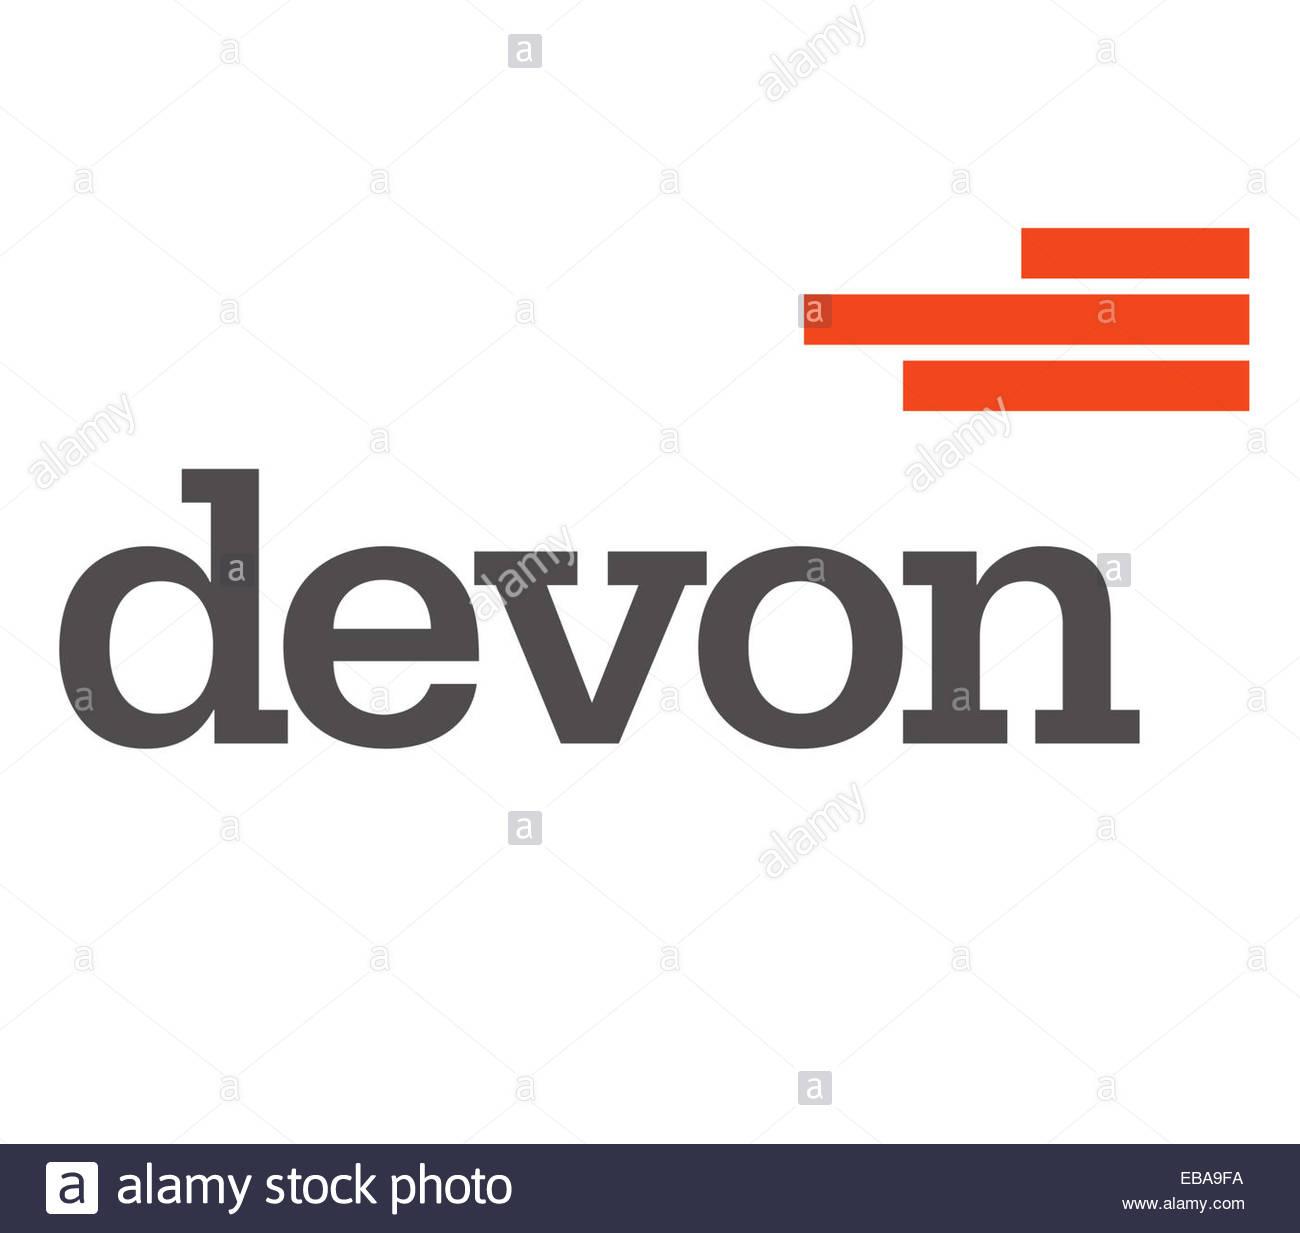 Devon Energy fracking signo icono del logotipo de la compañía Imagen De Stock